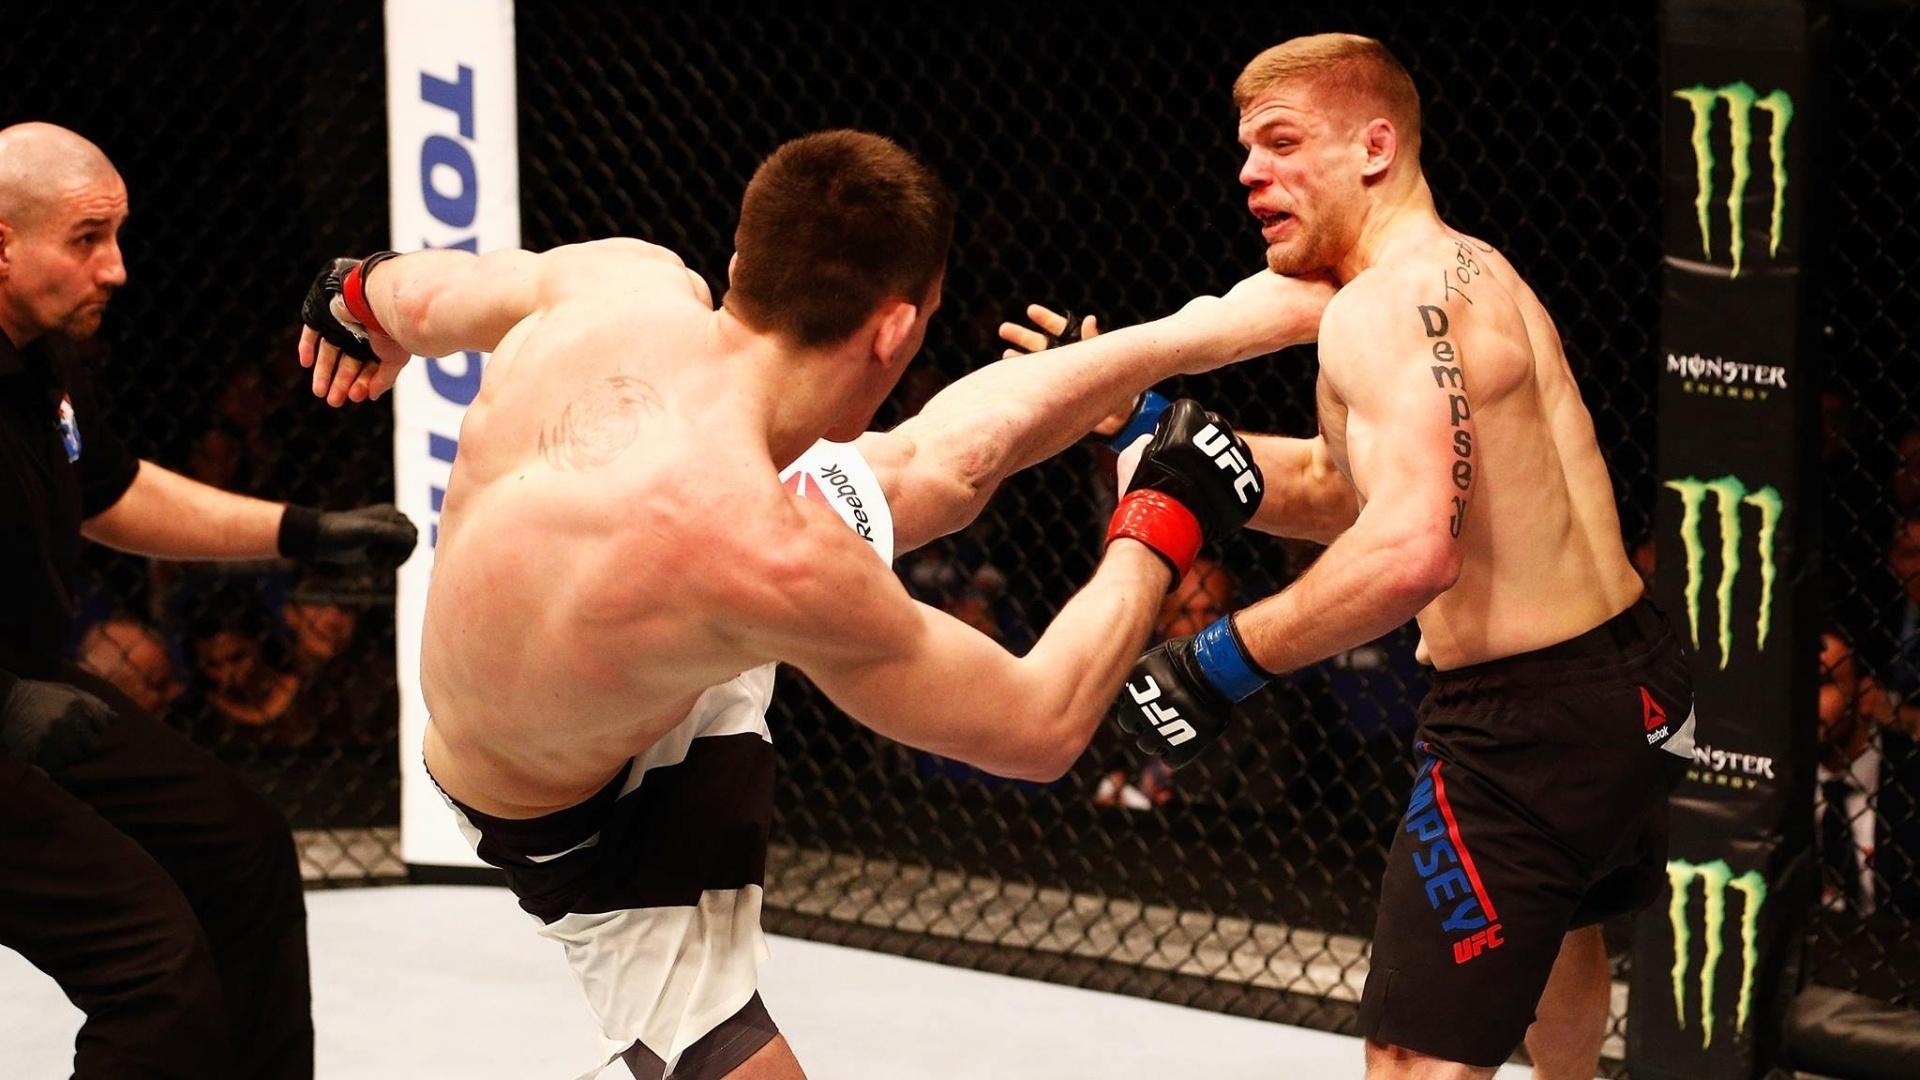 Com chute alto, Scott Askham (esq.) nocauteia Chris Dempsey, em luta neste sábado (27), no UFC em Londres